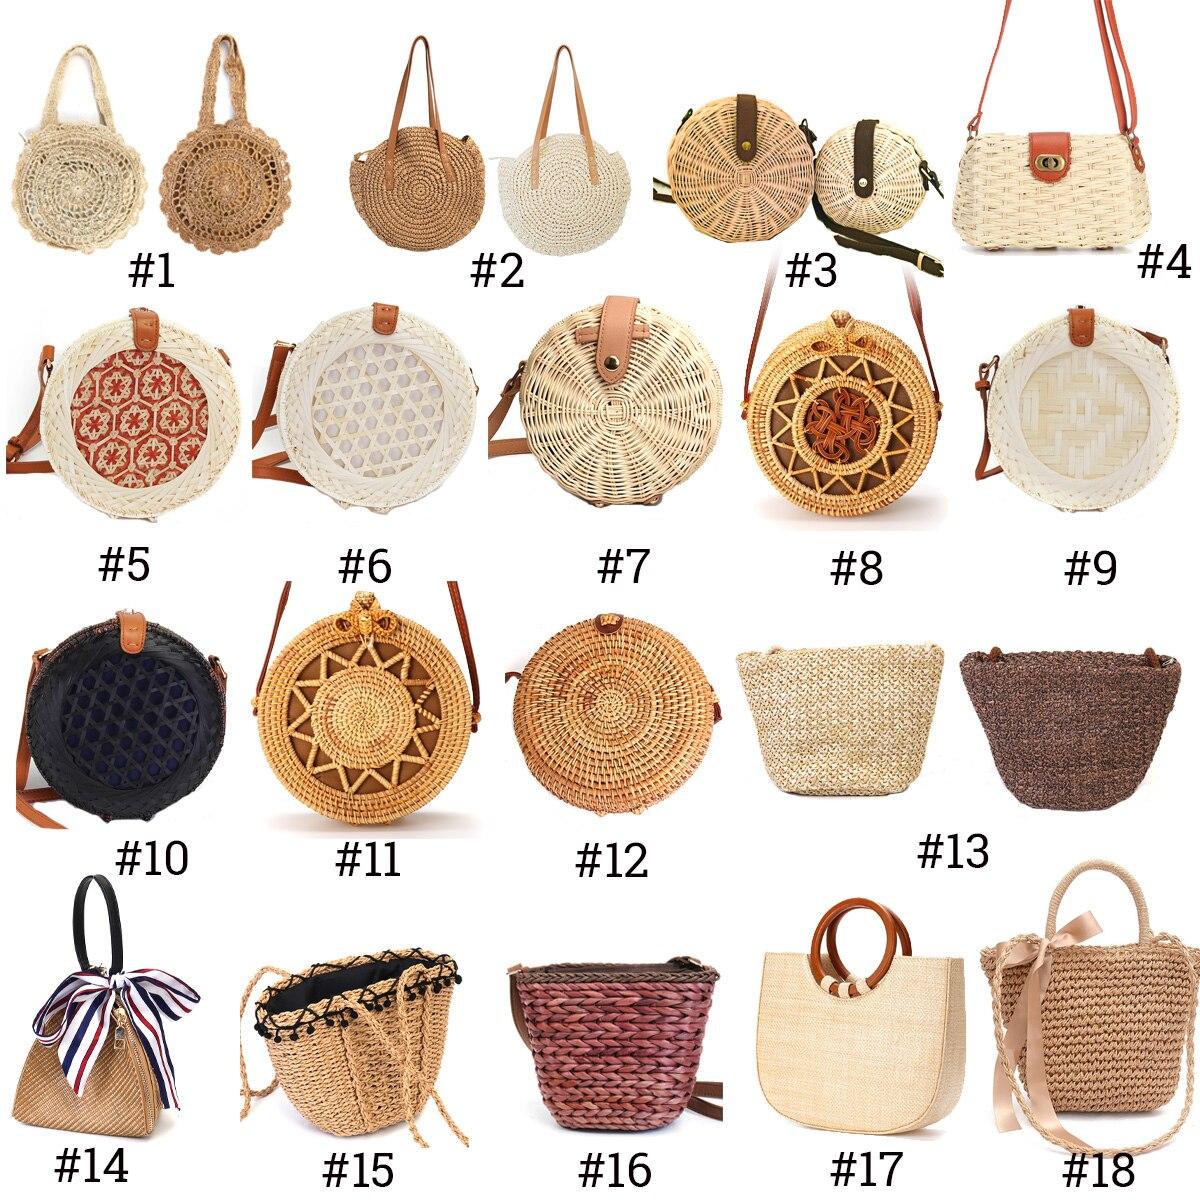 2019 bolsa de Palha Bolsa de Praia Das Mulheres Do Vintage Senhoras Handmade Tecido Rattan Bali Bohemian Bolsa de Ombro Crossbody saco do Mensageiro da Bolsa de Verão